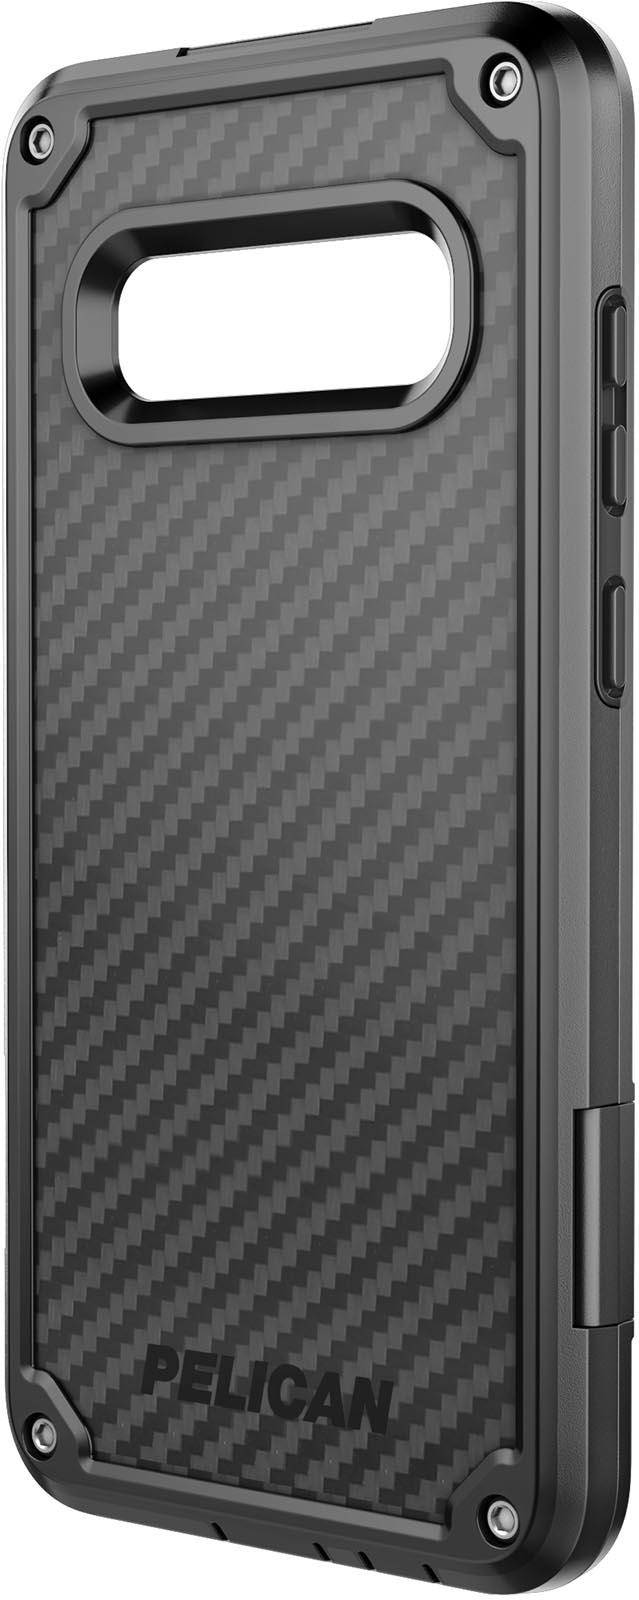 pelican samsung galaxy s10 plus shield case